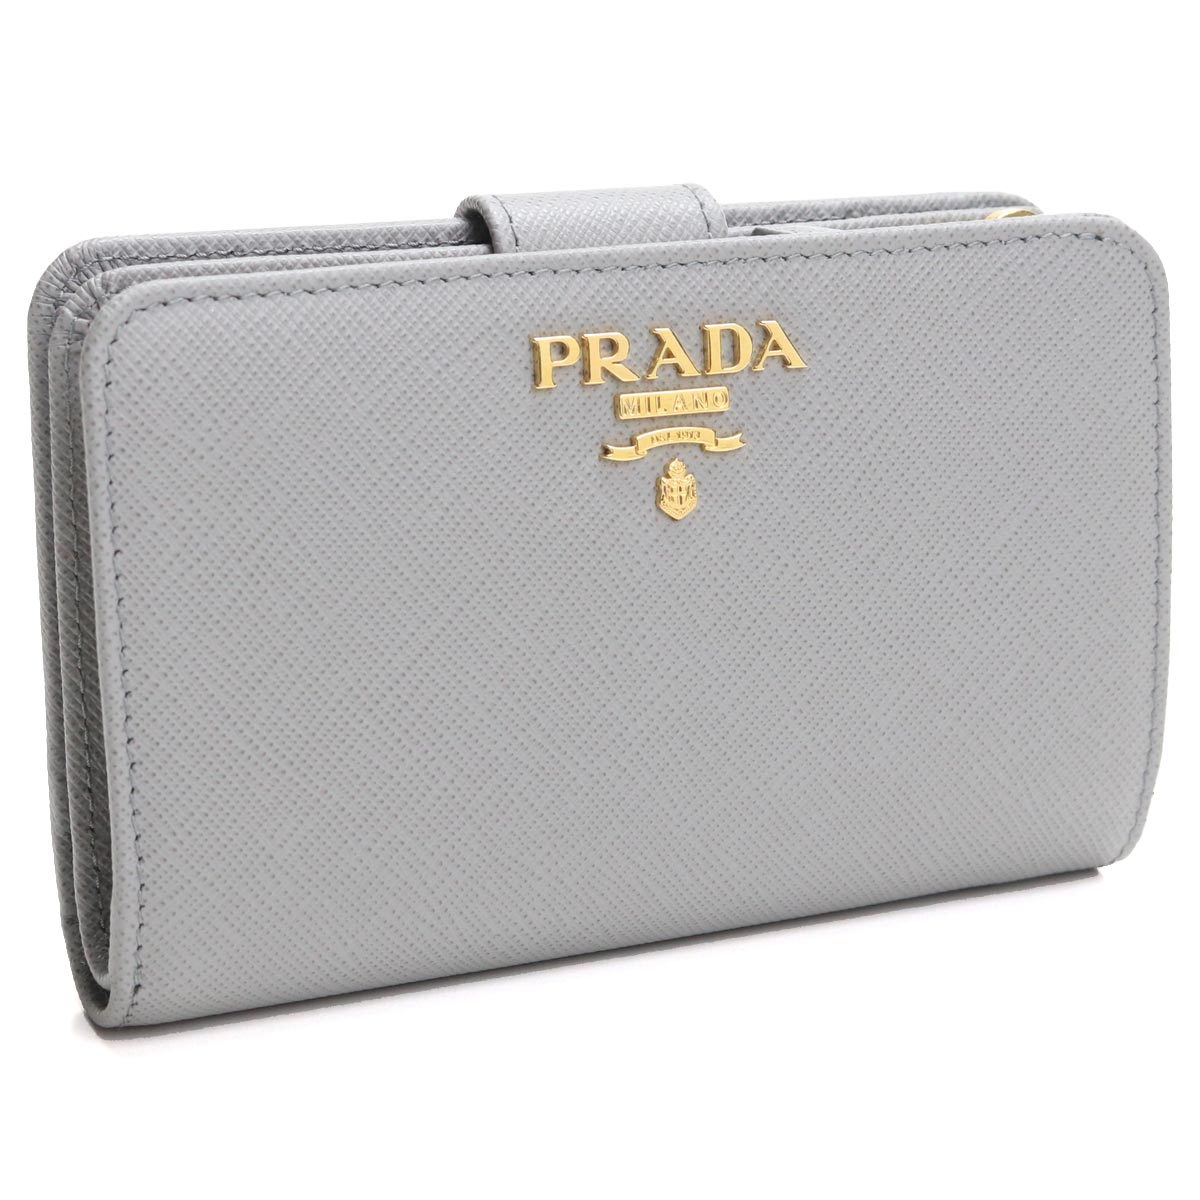 プラダ PRADA サフィアーノ シャイン 2つ折り財布 コンパクト財布 1ML225 QWA F0424 NUBE グレー系 レディース